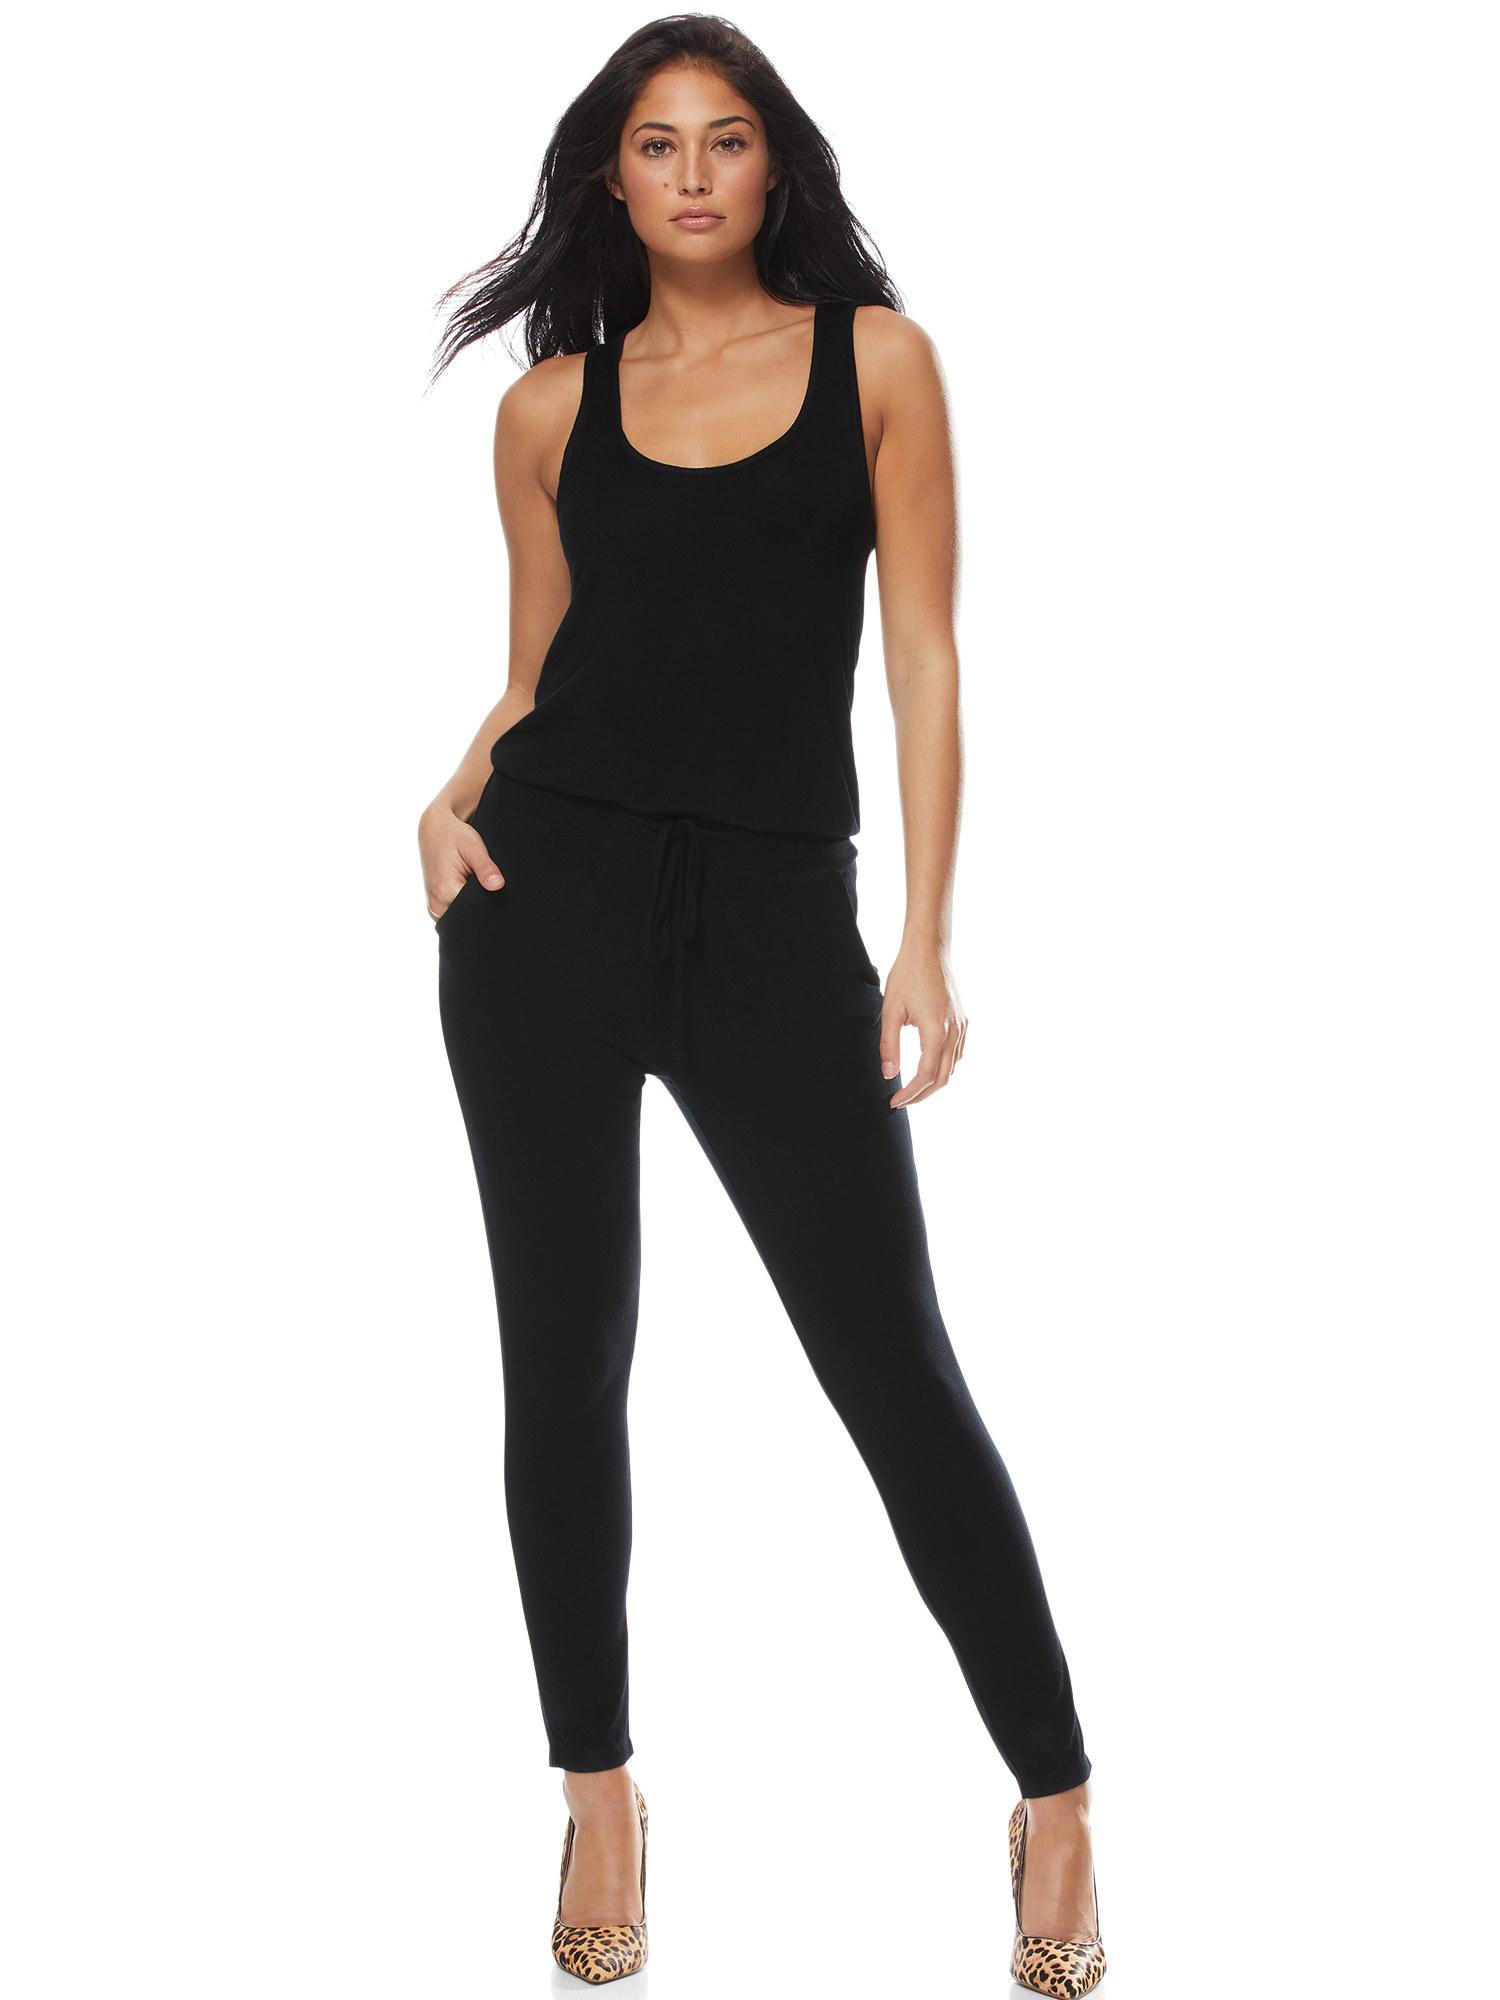 Model wearing a black jumpsuit